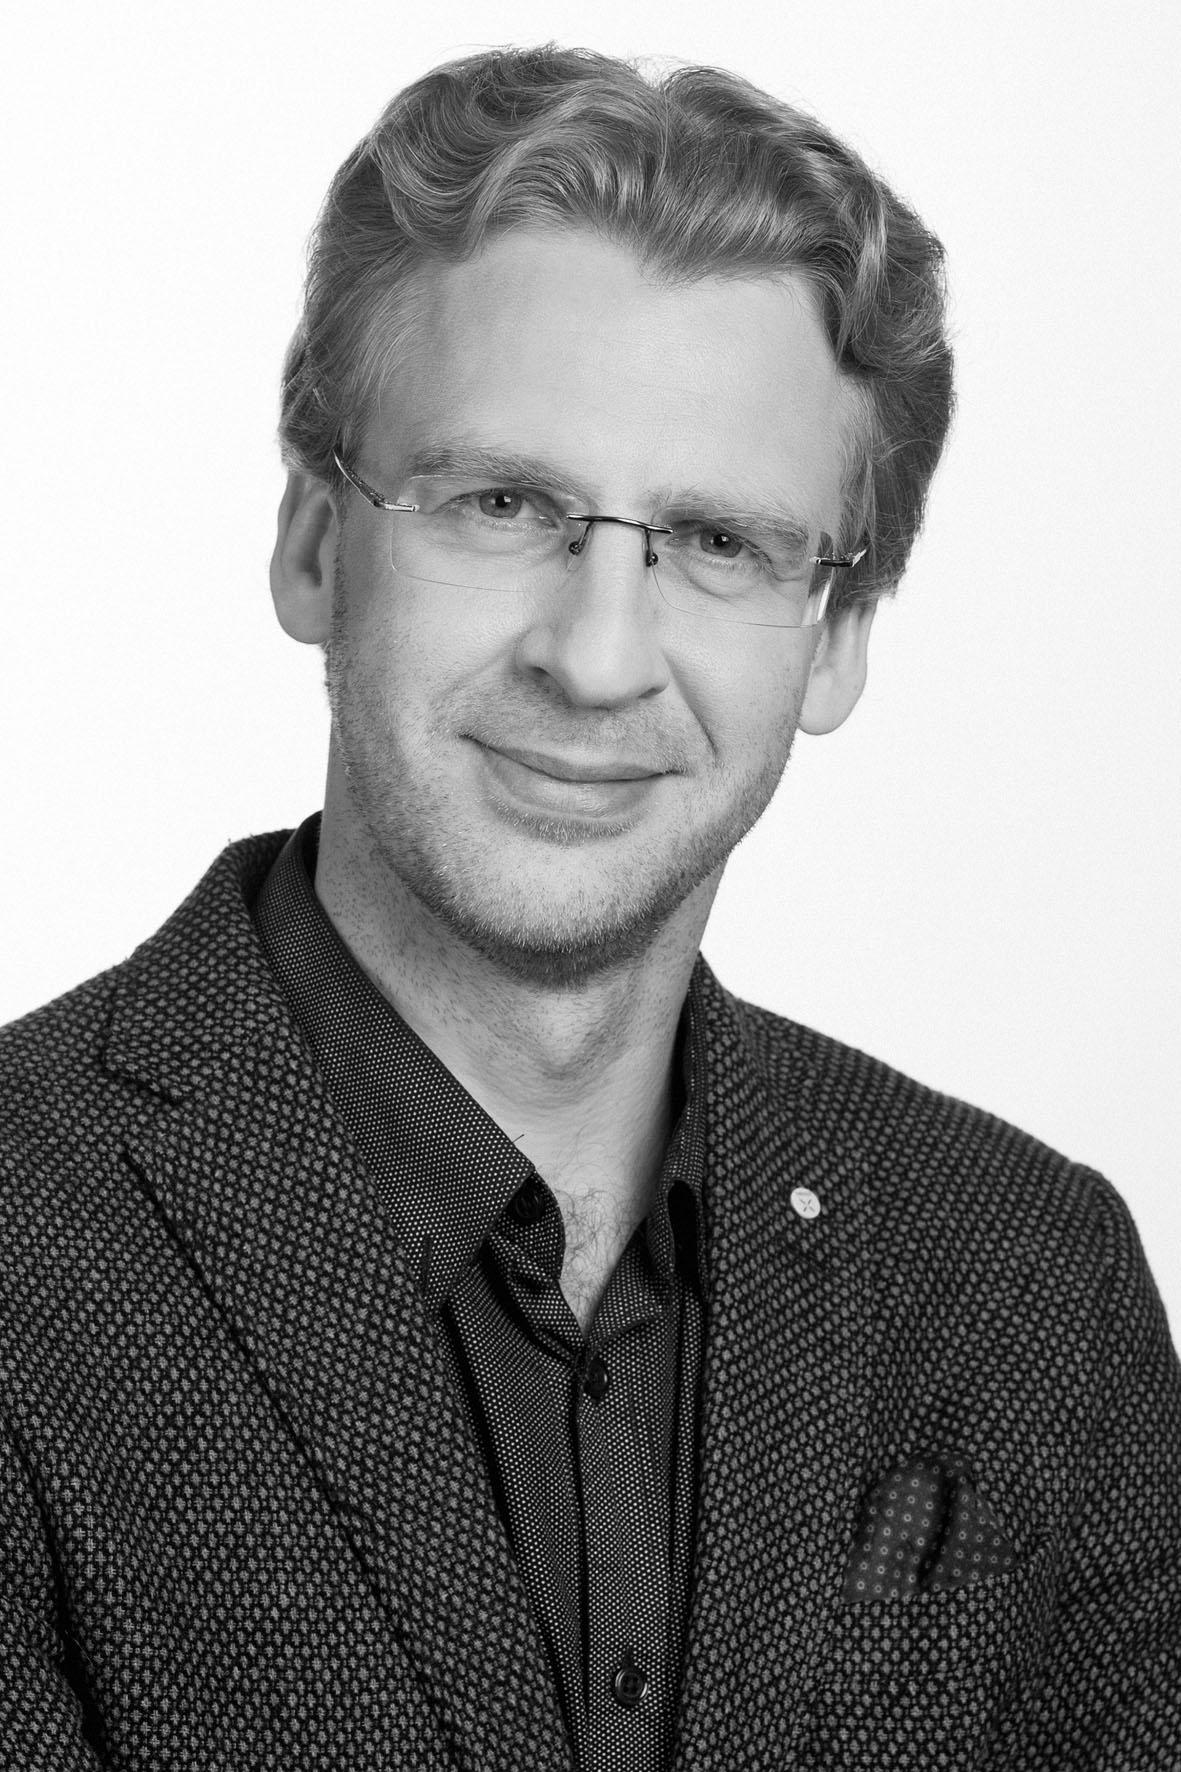 Priit Volmer